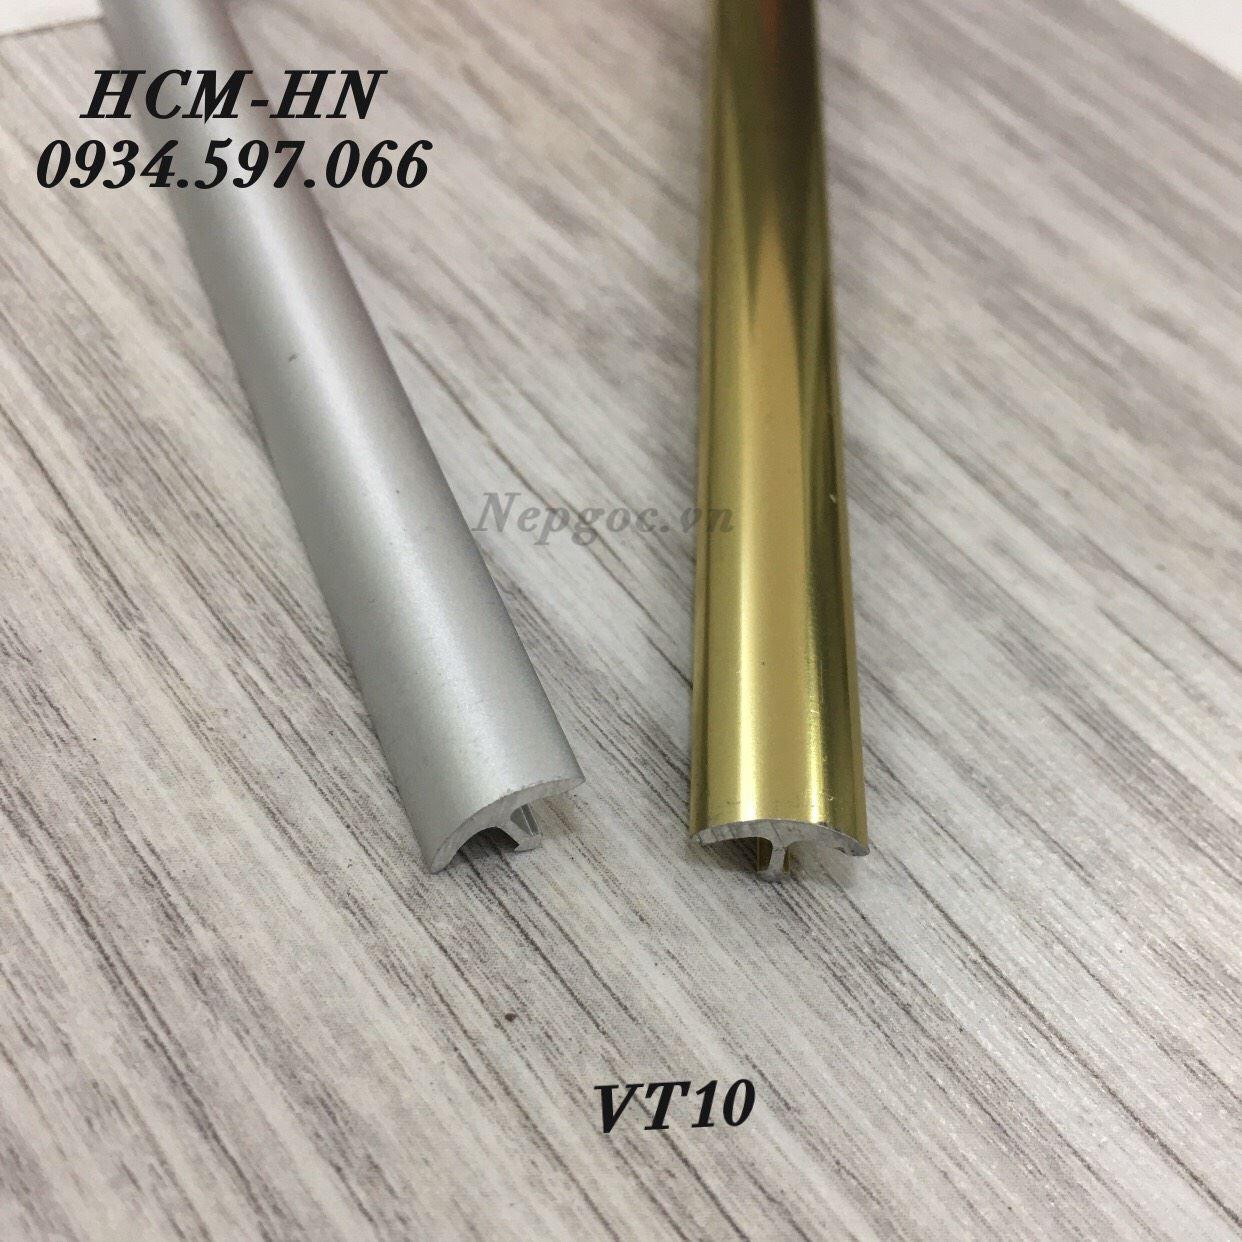 Nẹp trang trí VT10- nẹp chỉ T10 cong